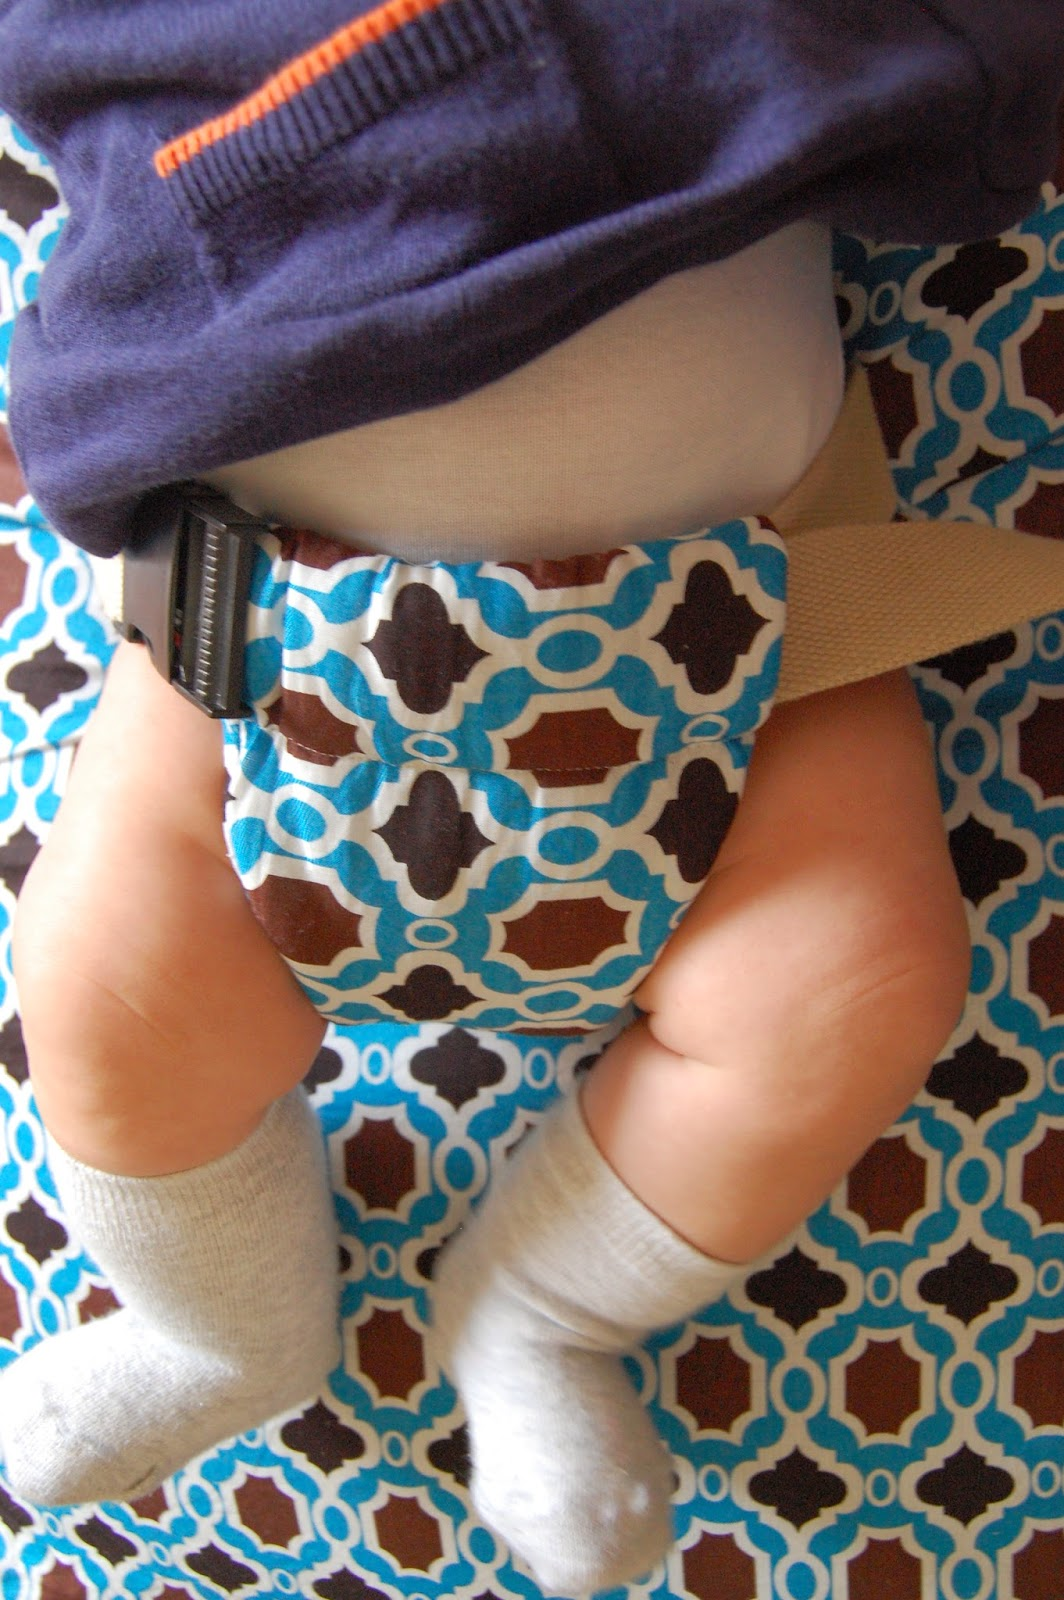 coudre-pouf-bébé-fait-main-septembre-2014